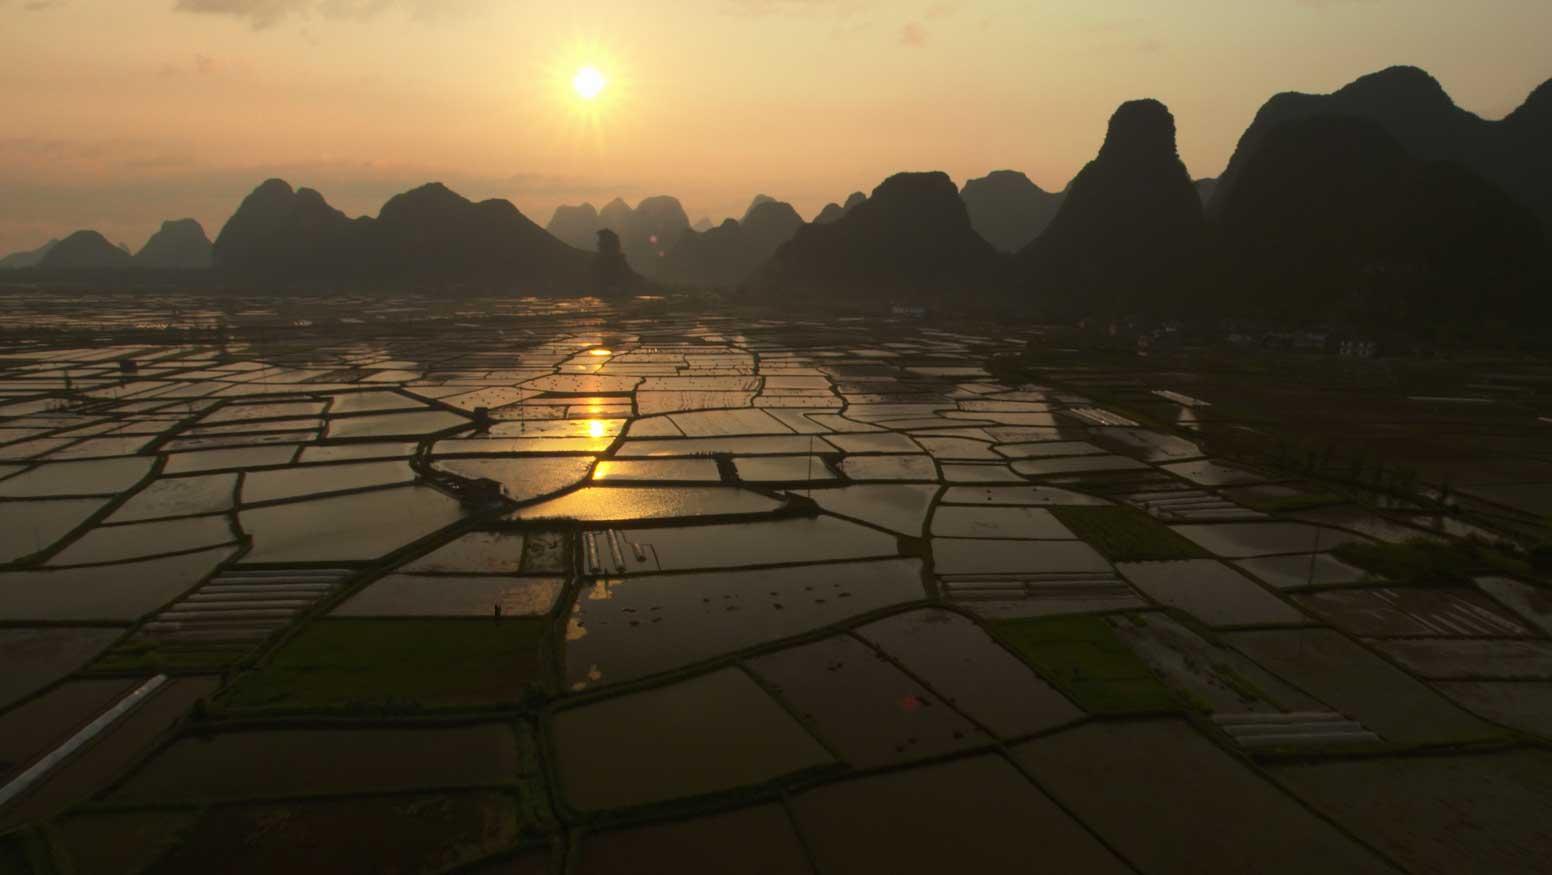 FOTD-SunsetReflection.jpg